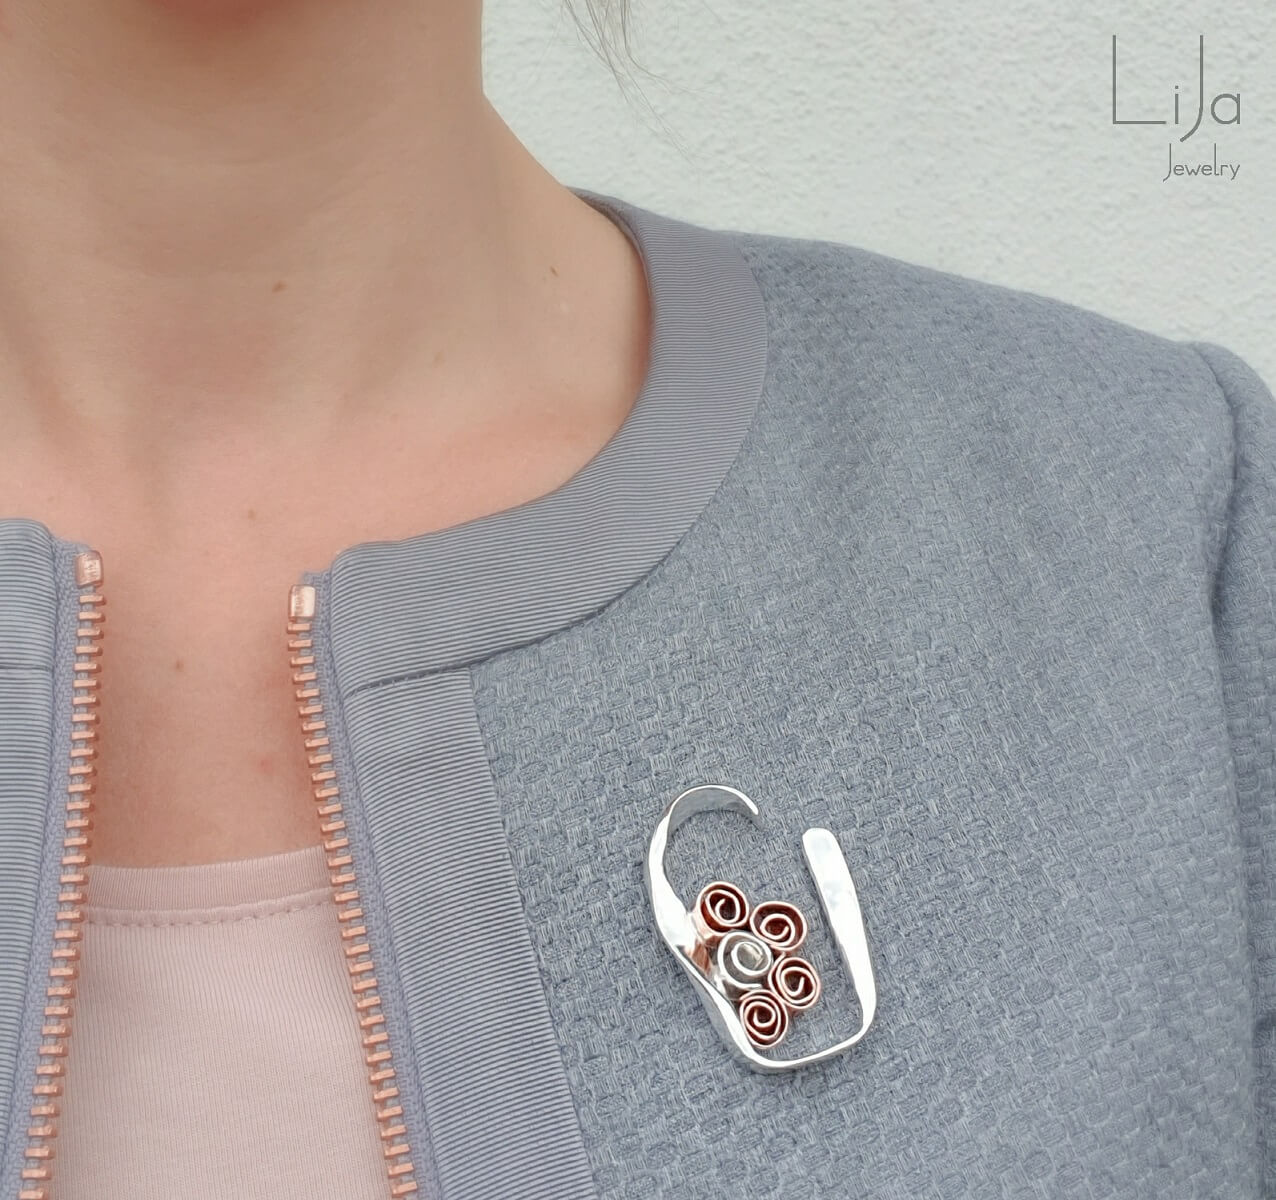 Goudsmid Lija Jewelry Broche Roosjes